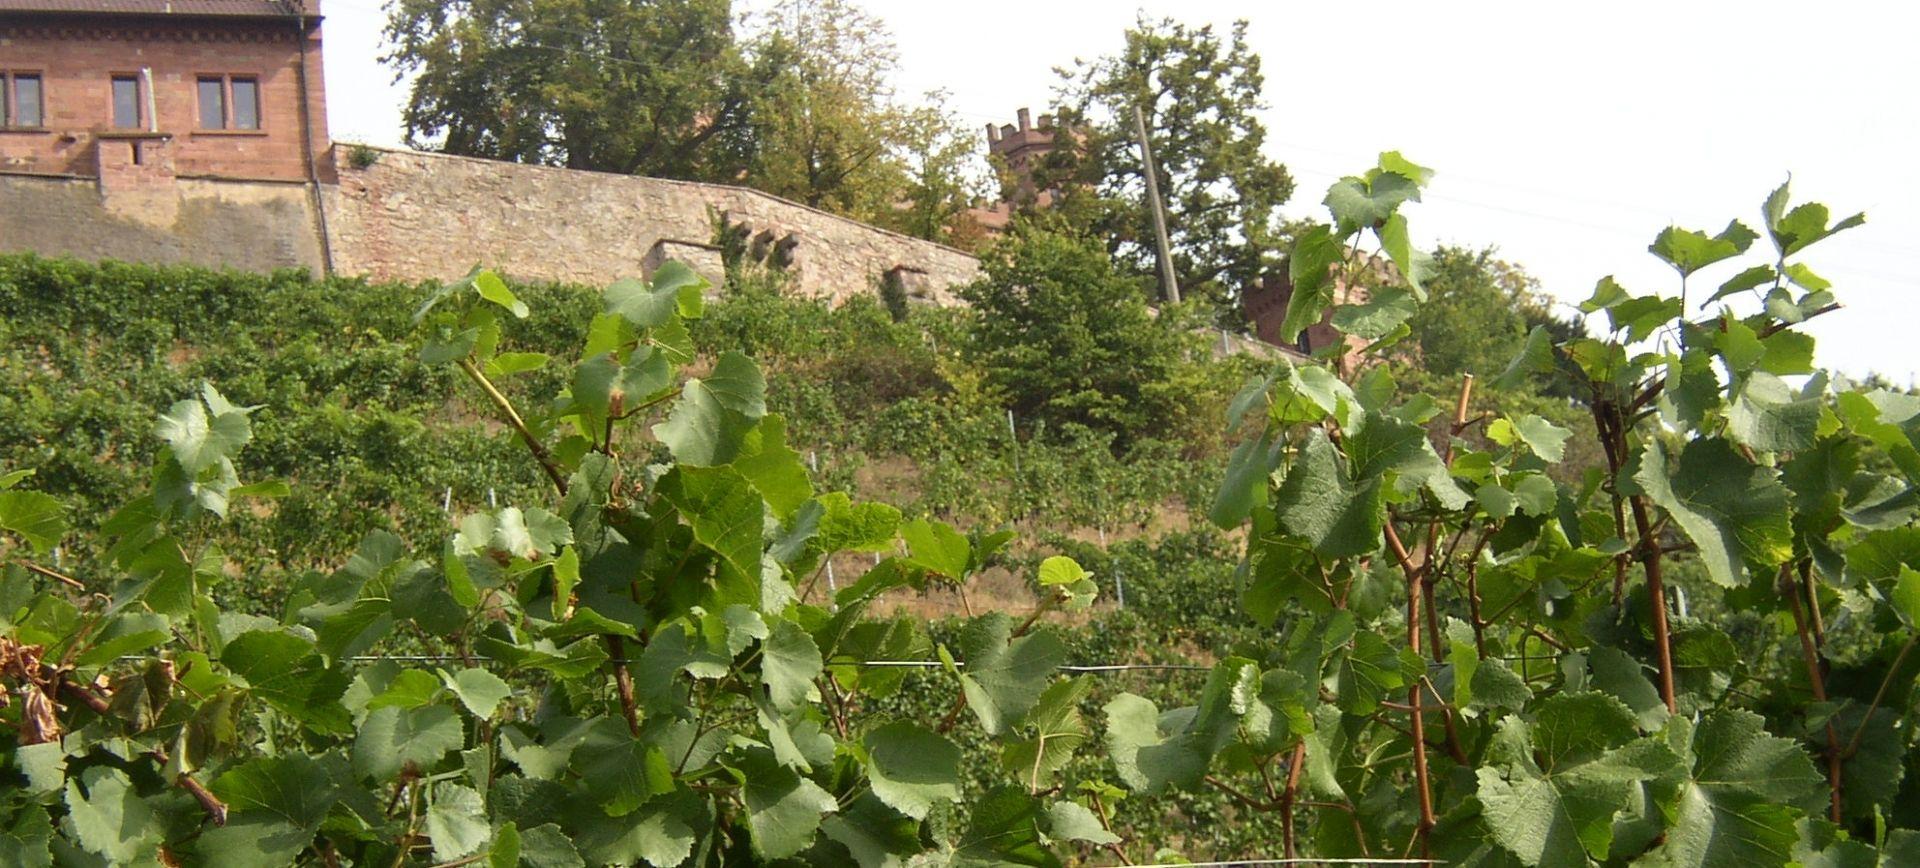 Weingut-Kiefer-Ortenberg-Wein-Erlesen-kaufen-Weintrauben-Weinberg